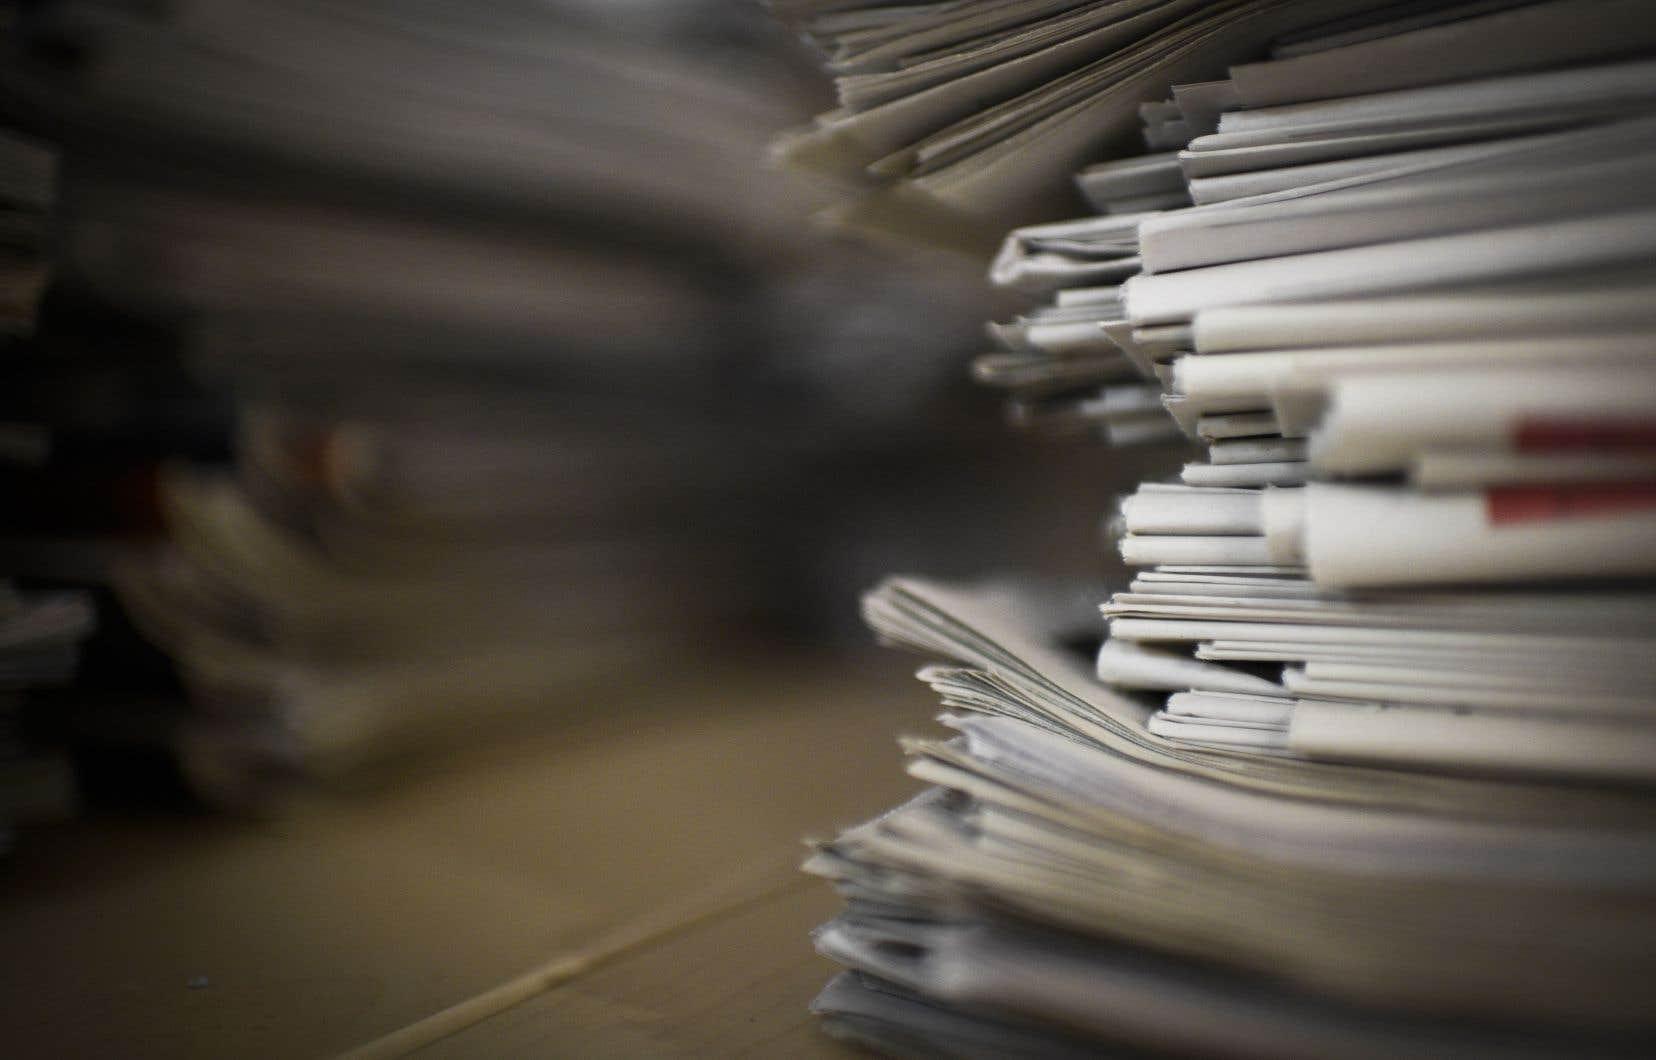 Le nouveau comité d'experts indépendants promis par Ottawa doit déterminer ce qu'est le journalisme professionnel.